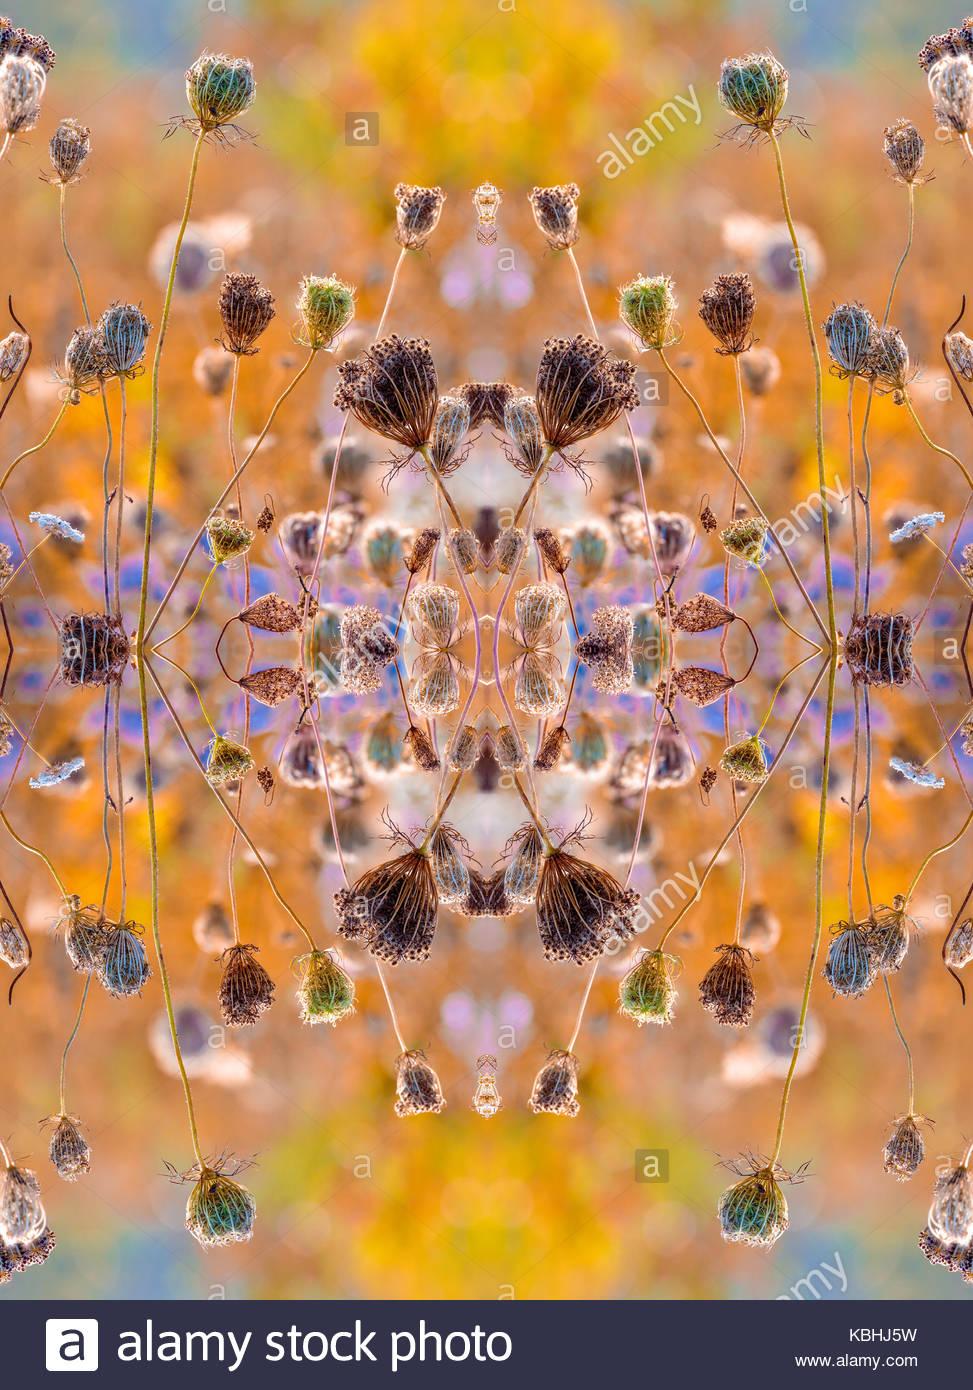 kaleidoscope-pattern-of-fruit-clusters-o